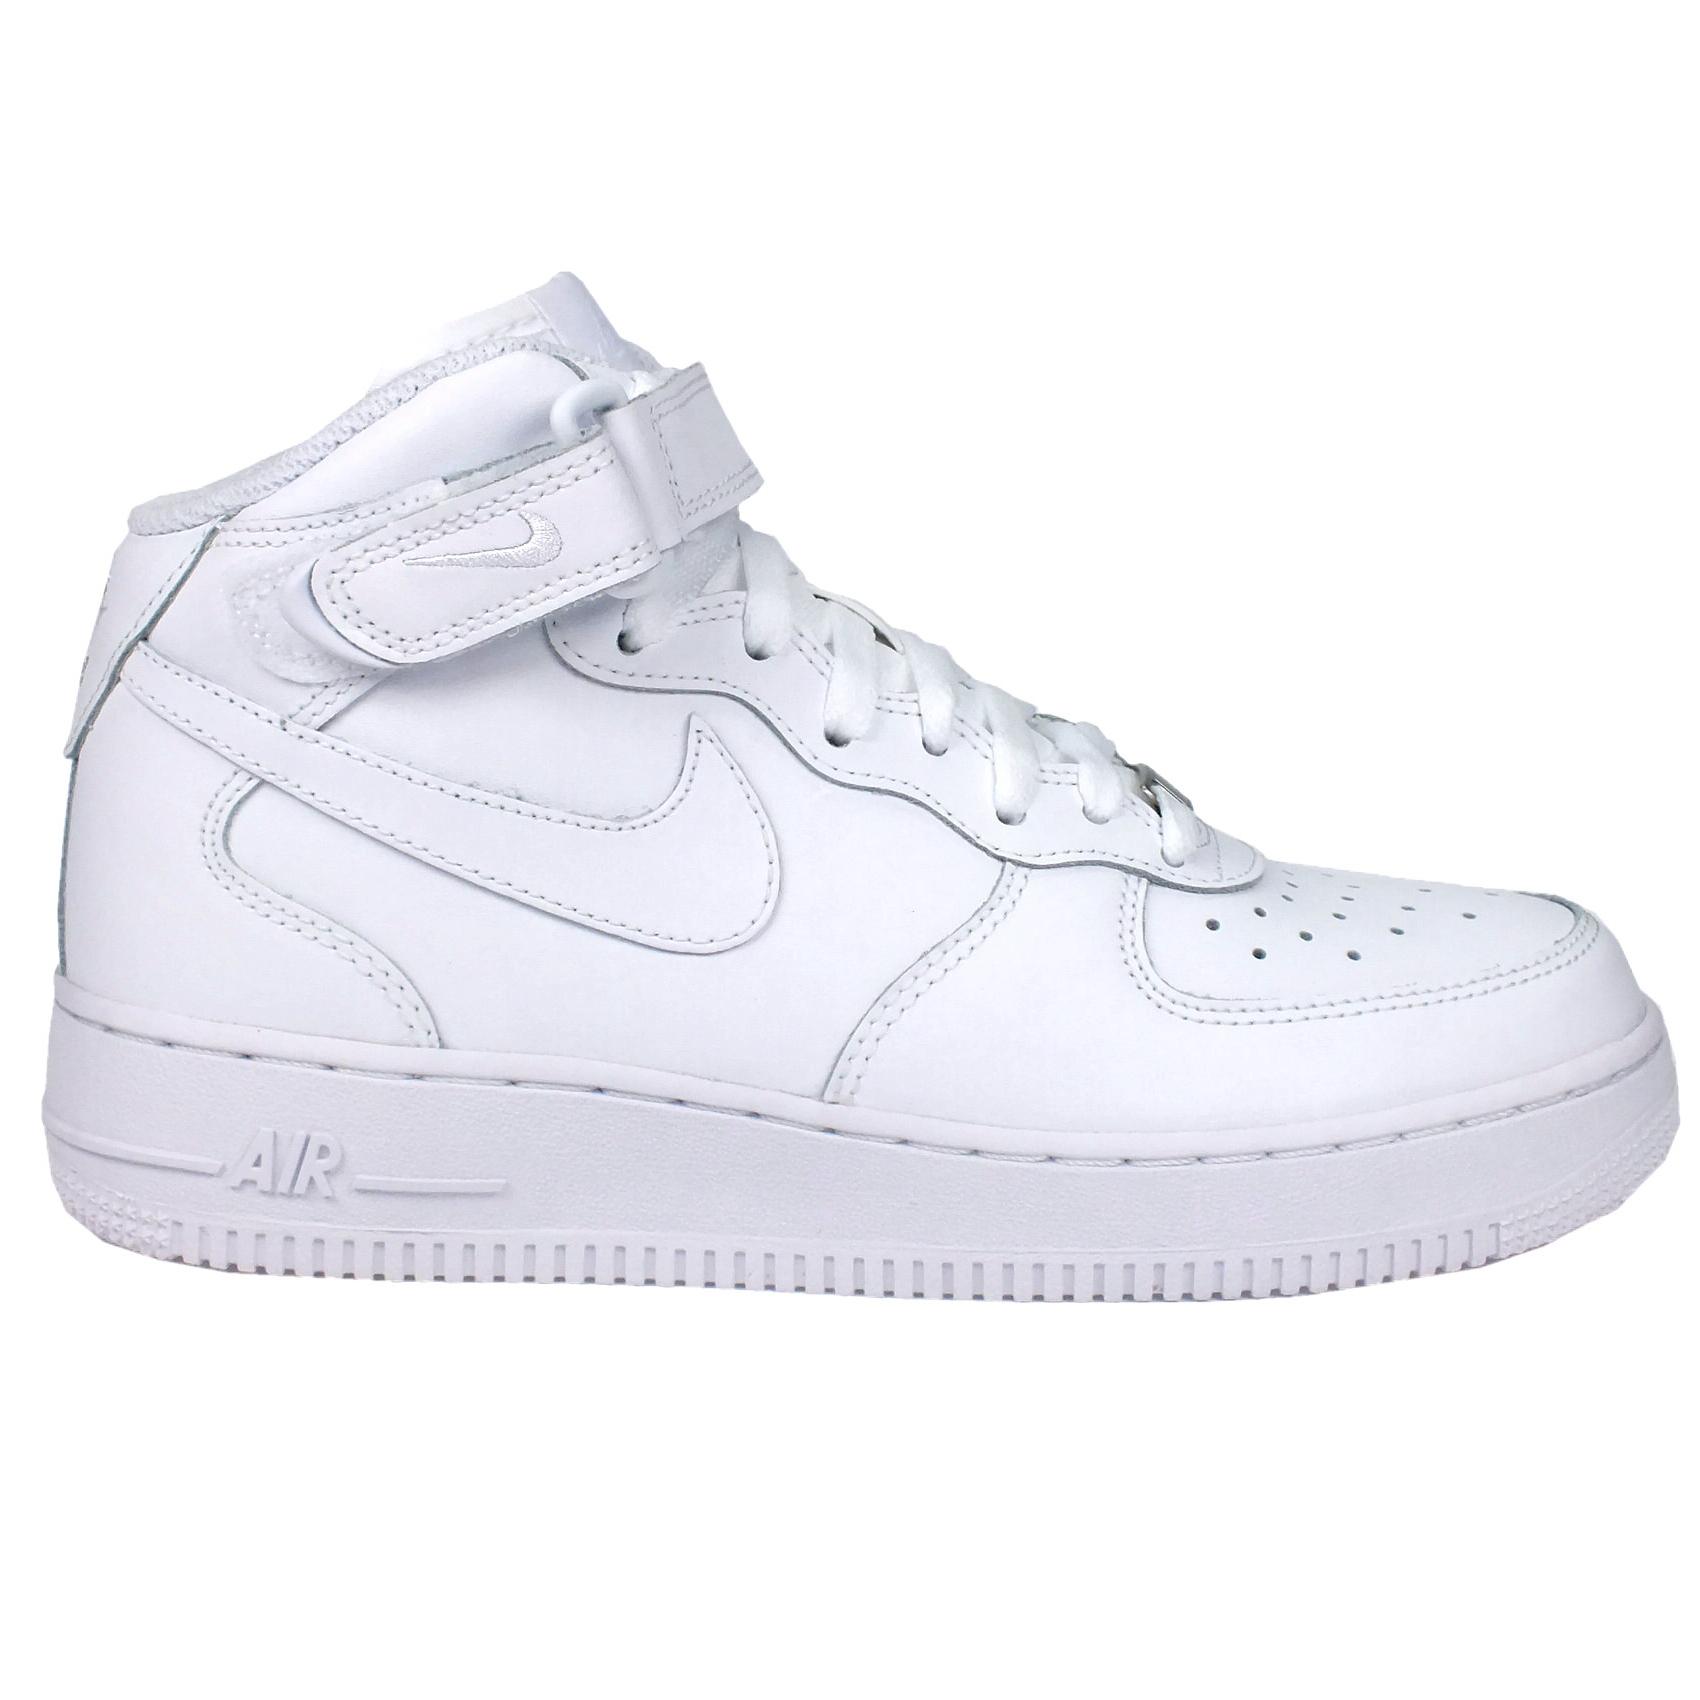 Nike-Air-Force-1-Mid-06-GS-Schuhe-Turnschuhe-Sneaker-Kinder-Jungen-Damen